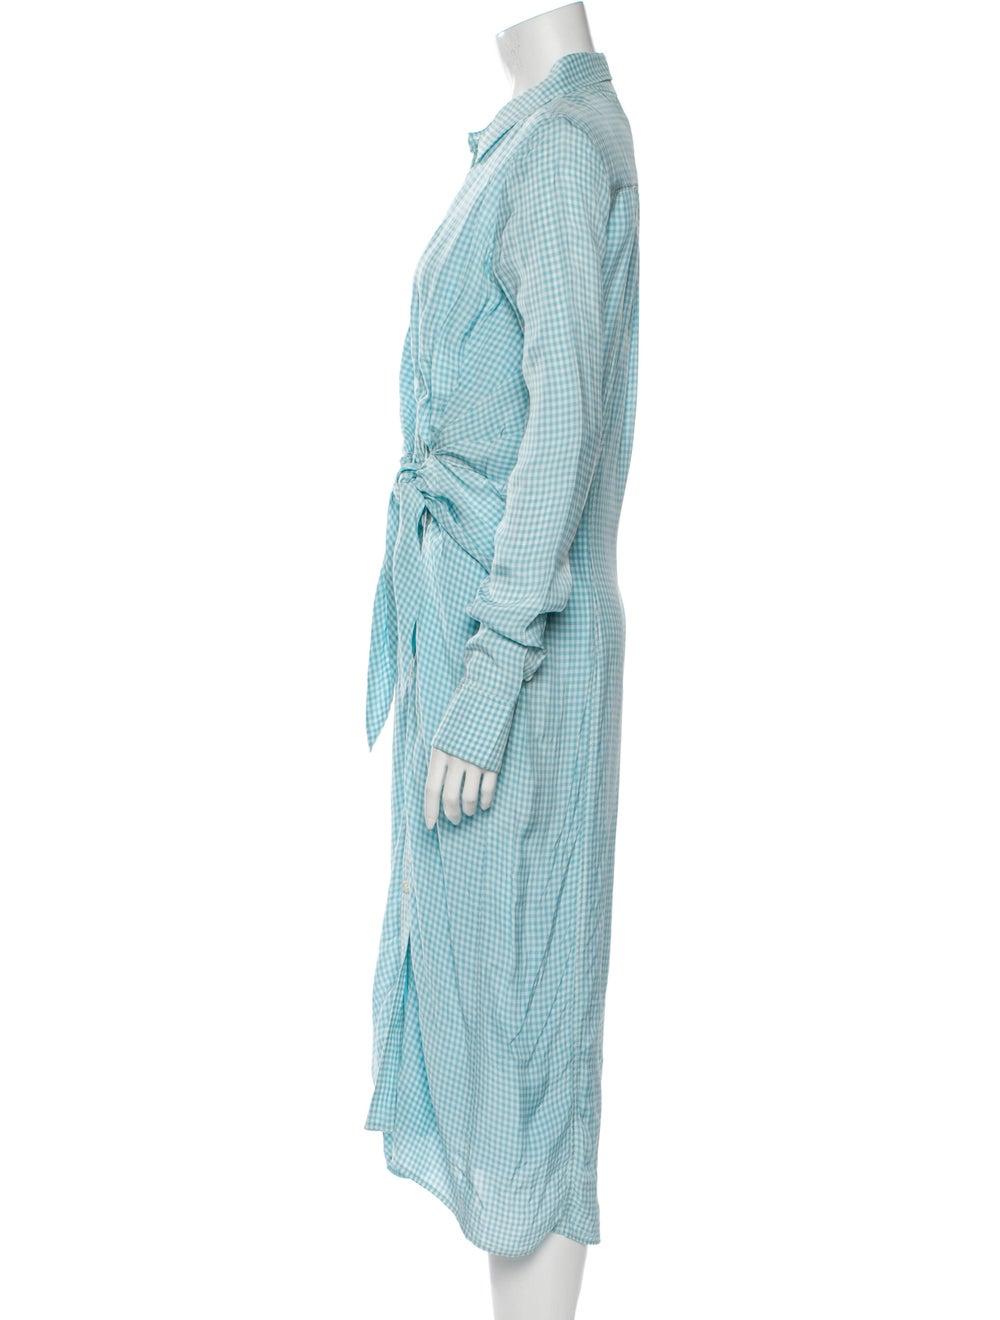 Altuzarra Midi Length Dress Blue - image 2